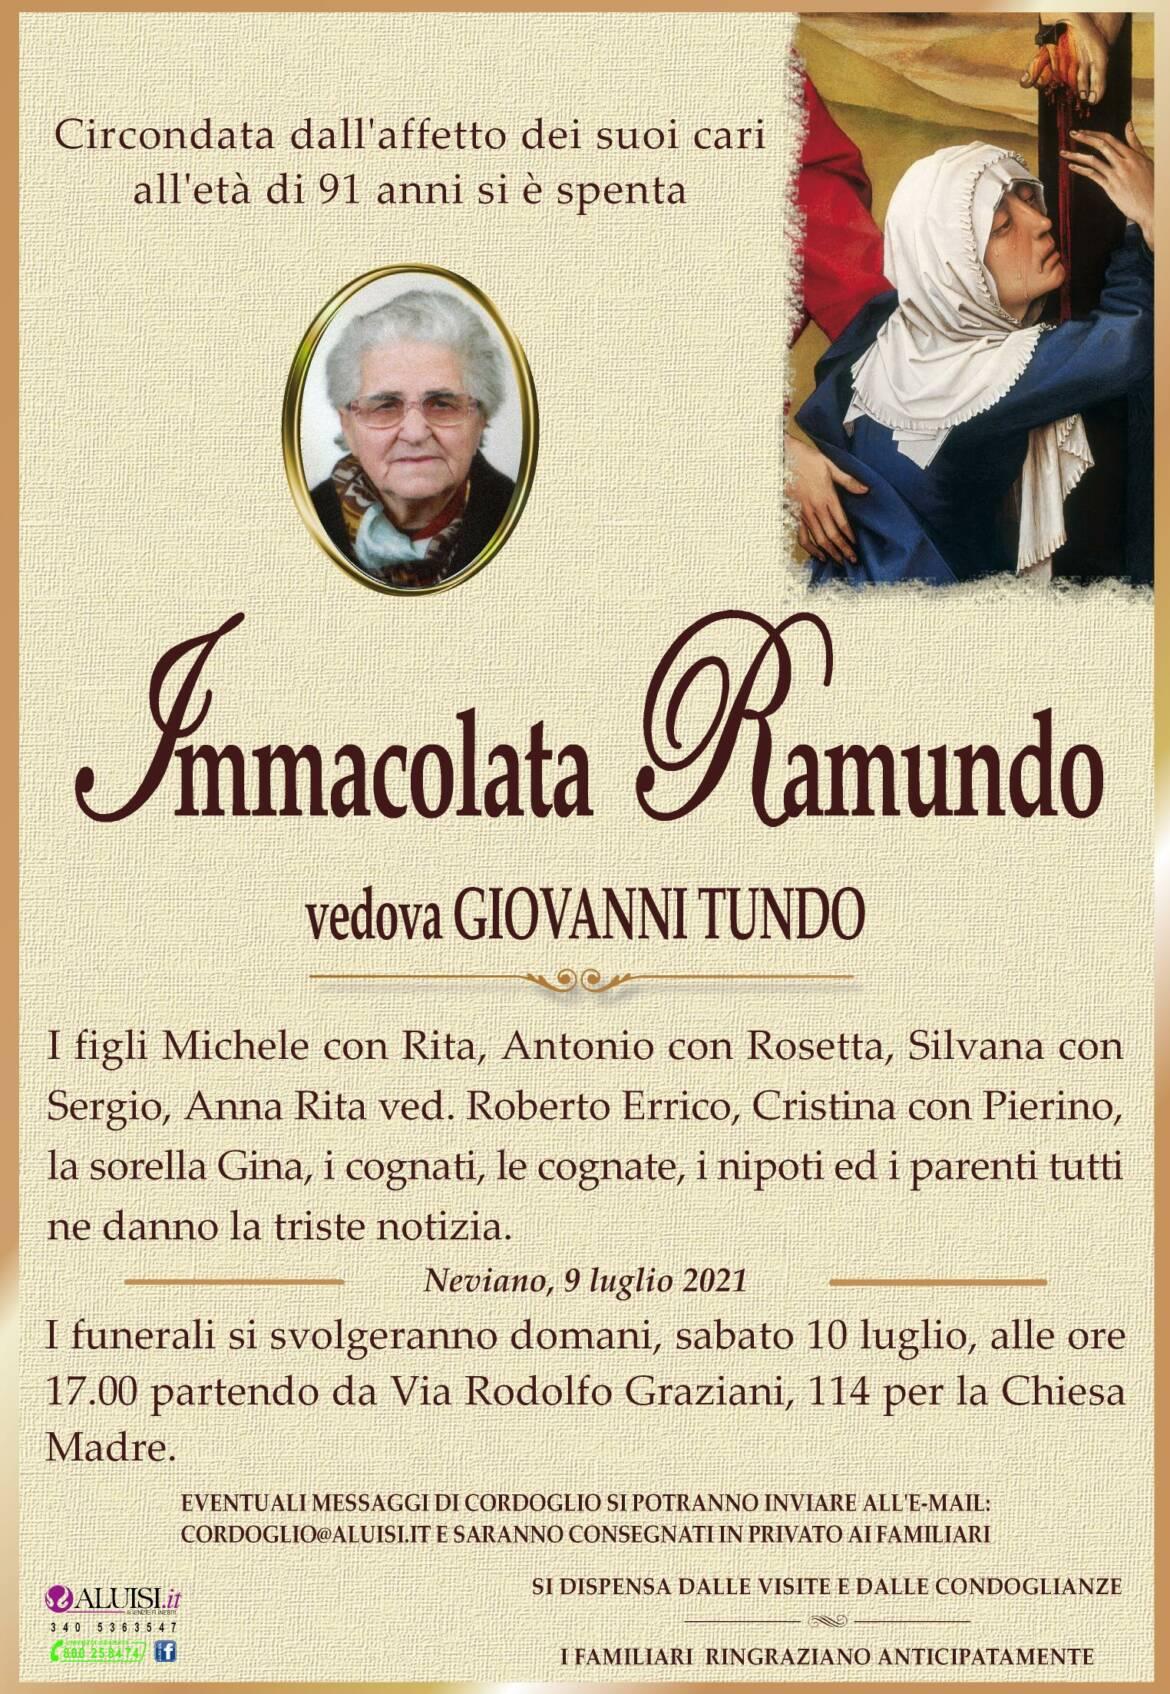 Annuncio-immacolata-ramundo-neviano.jpg